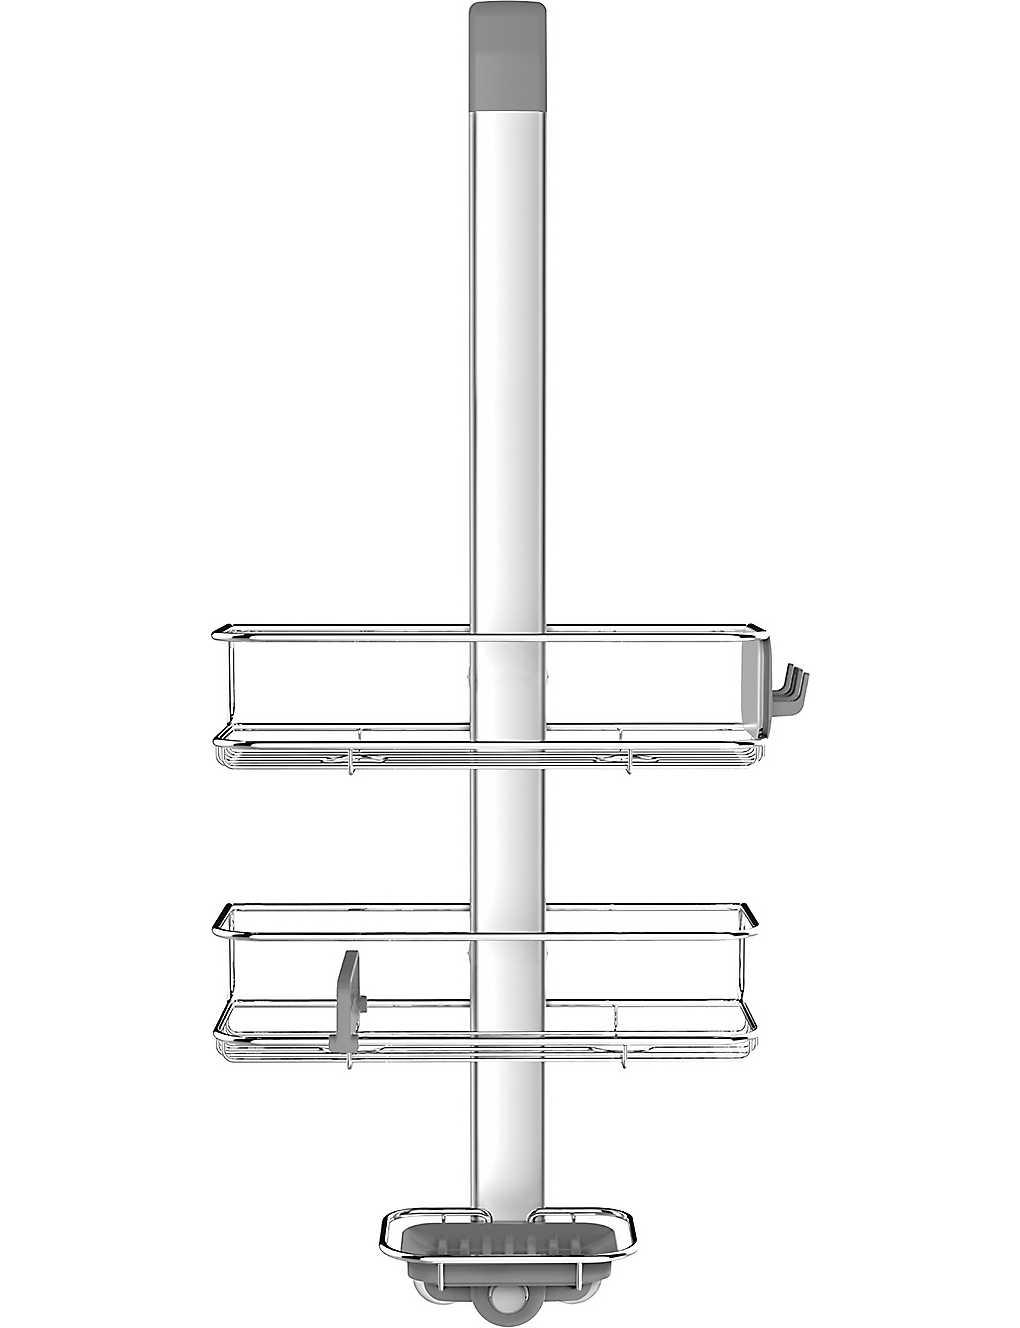 Simplehuman Hanging Shower Caddy BT1101